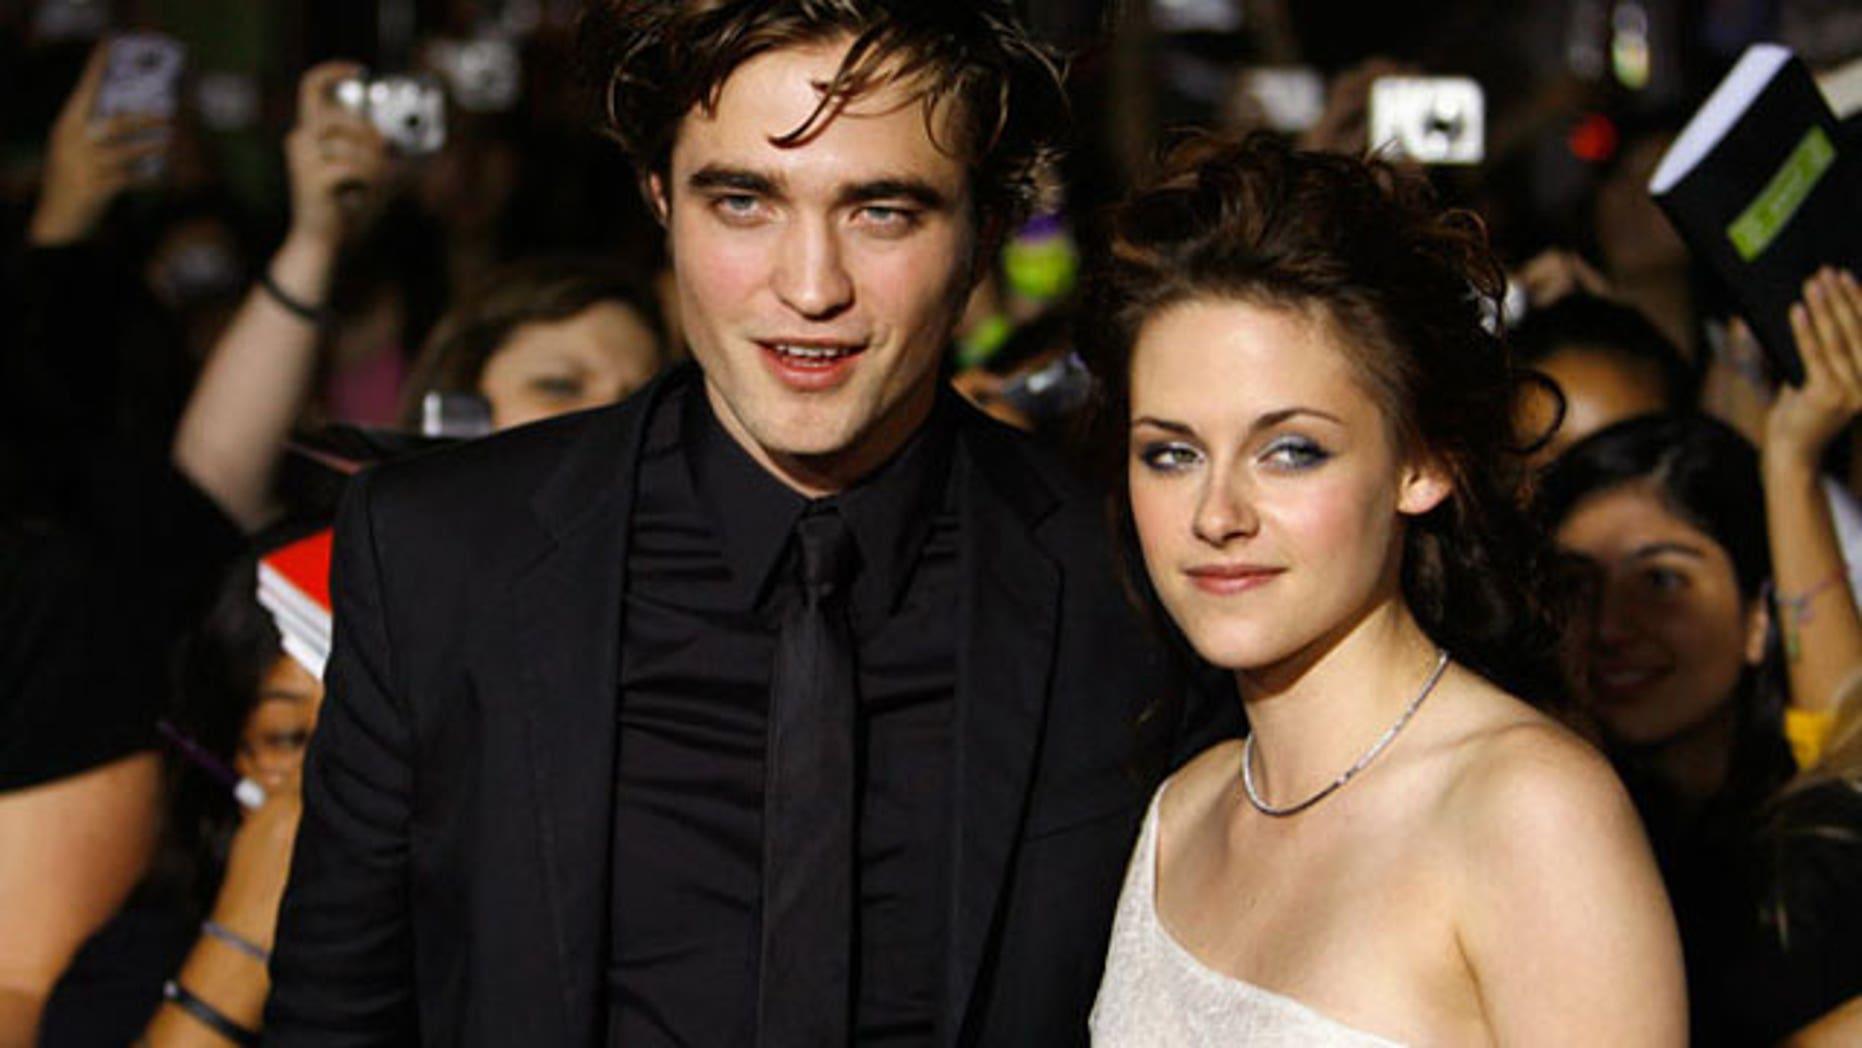 Robert Pattinson is 'drunk dialing' Kristen Stewart ...